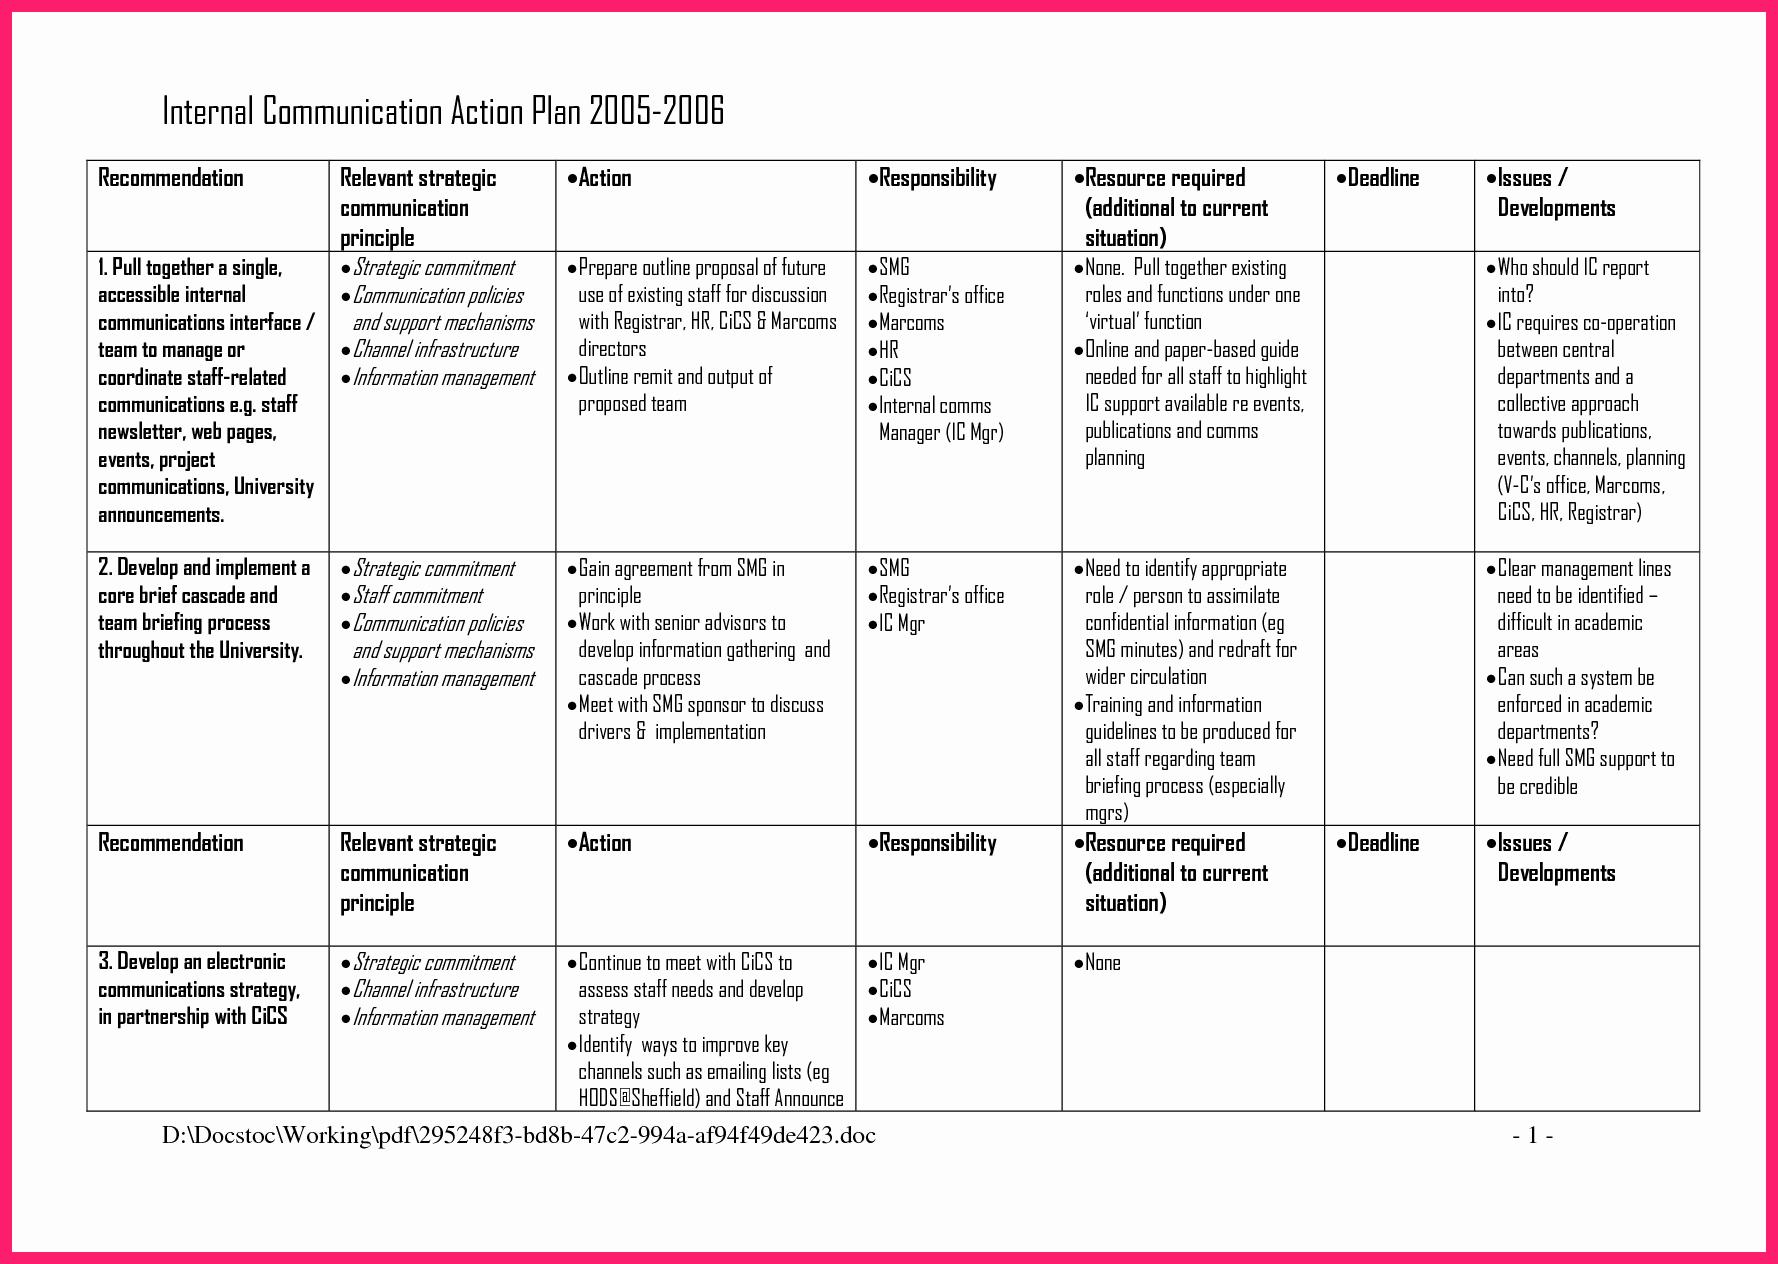 Internal Communications Plan Template Best Of Munication Plan Template